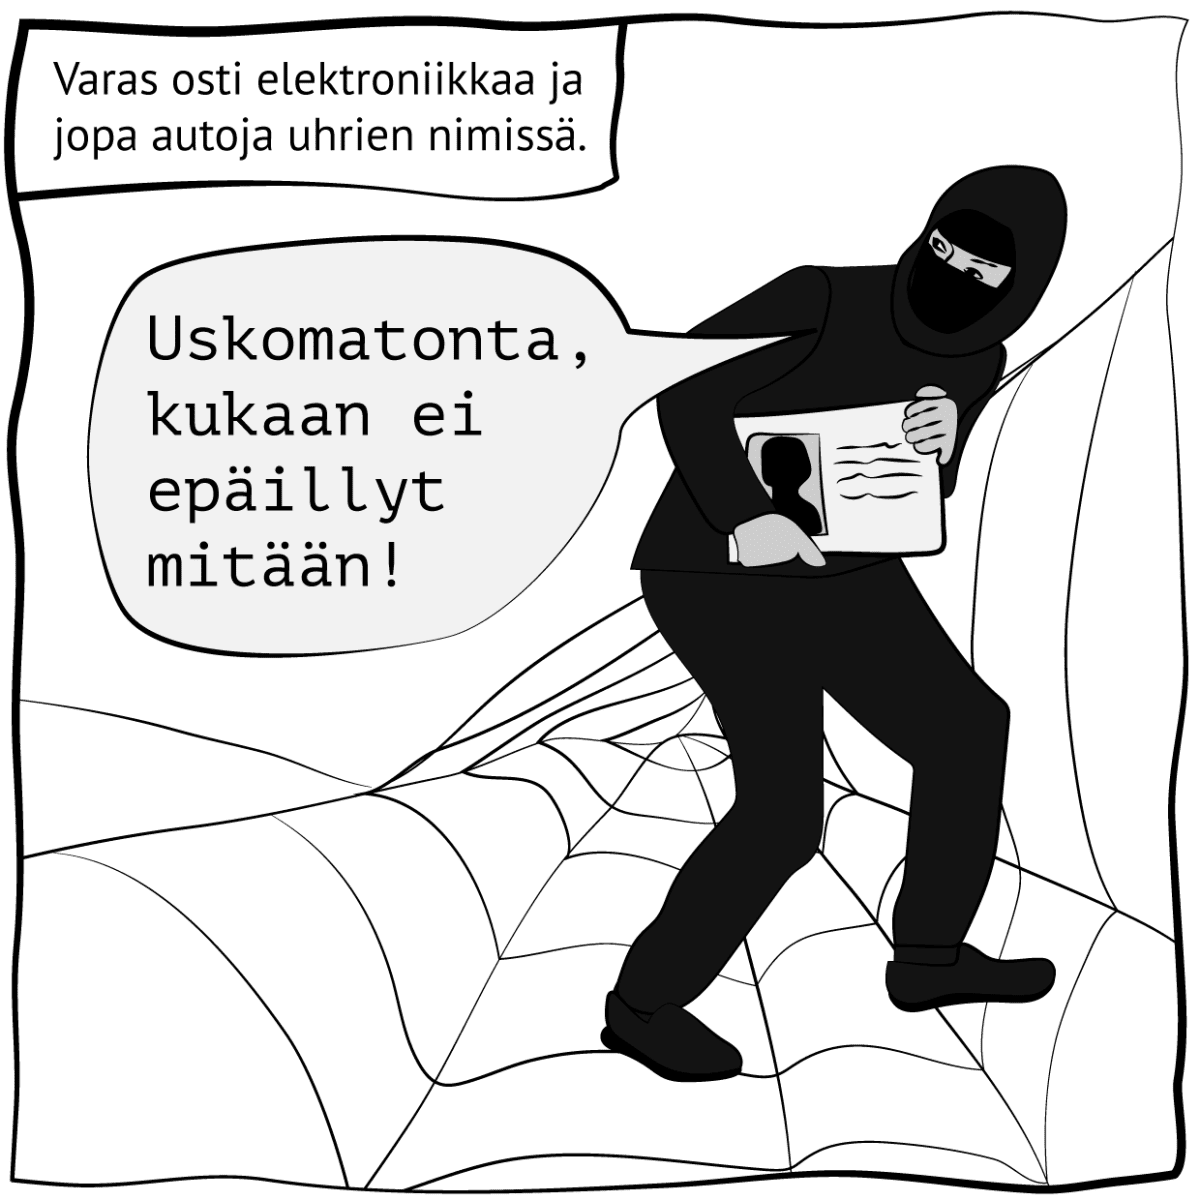 """Piirroskuva, jossa lukee """"Varas osti elektroniikkaa ja jopa autoja uhrien nimissä"""". Kuva: Stina Tuominen / Yle"""